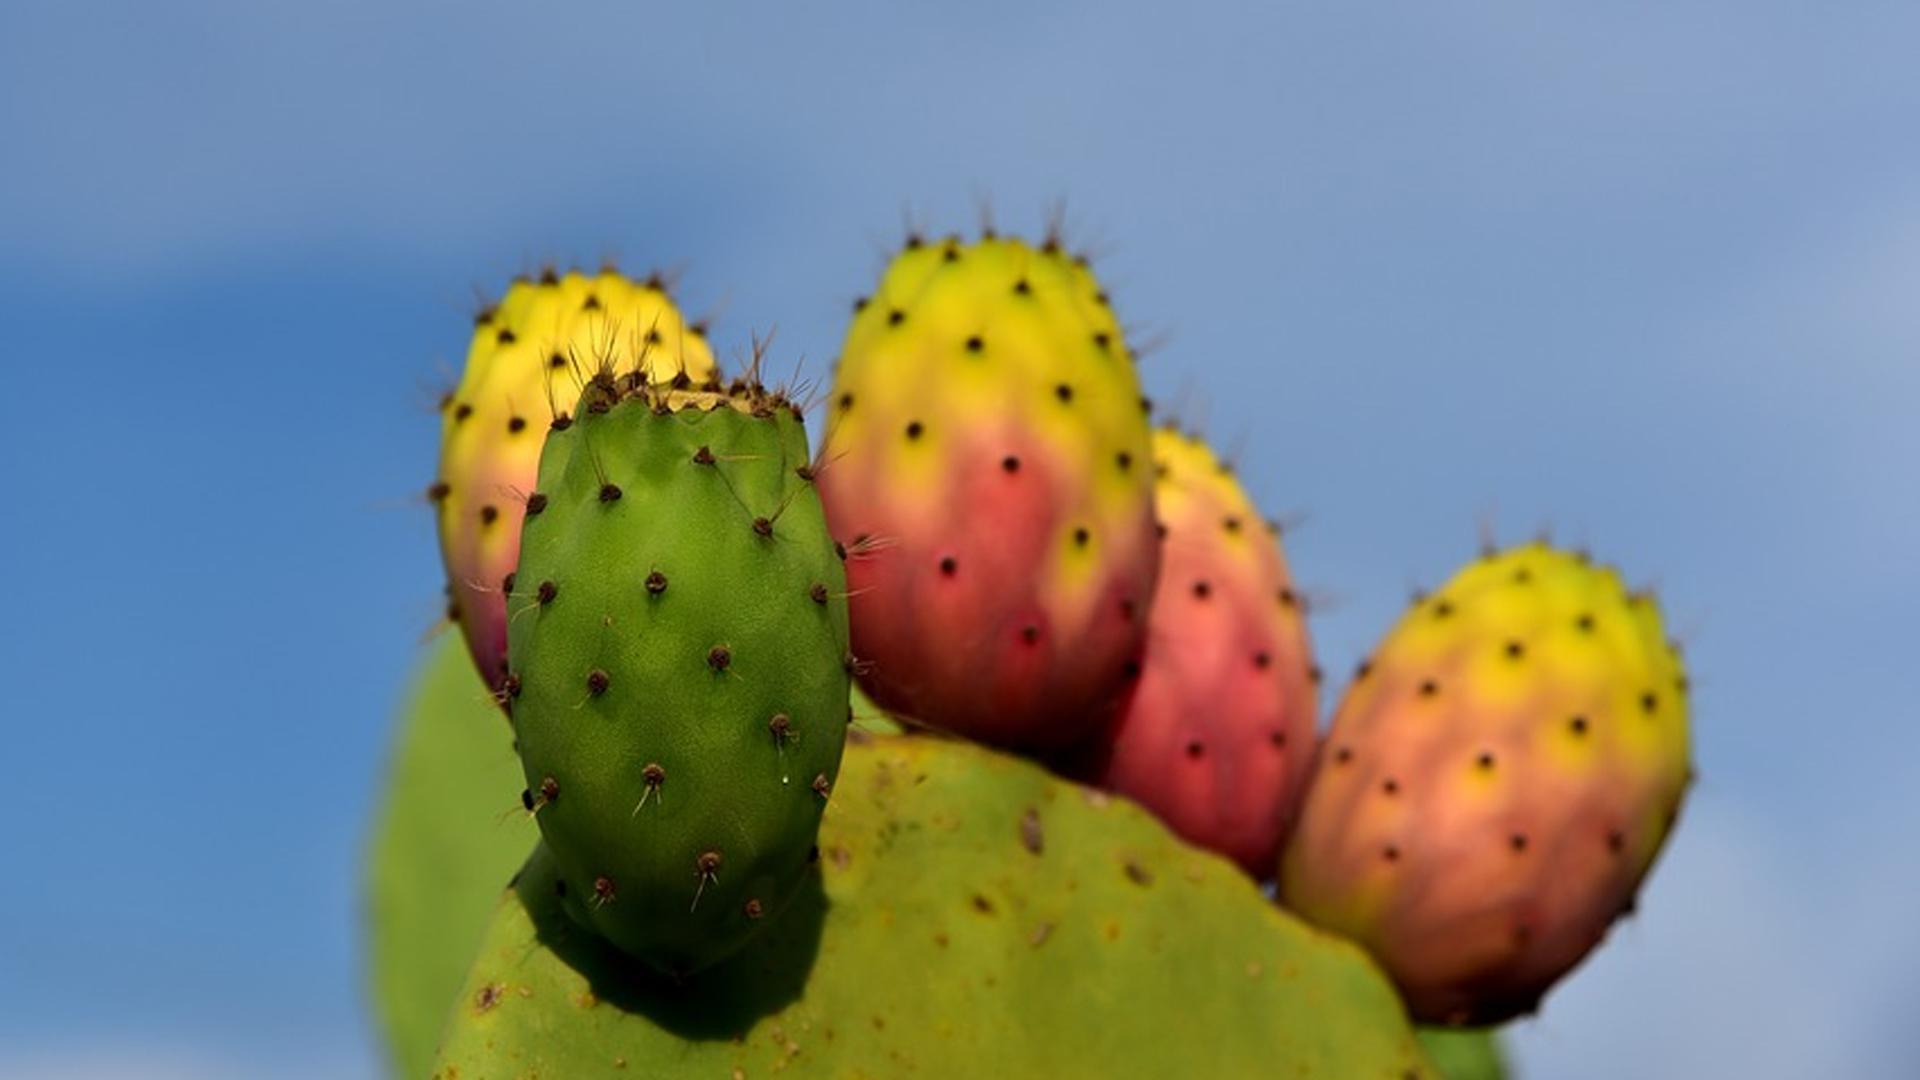 So gesund ist die Kaktusfeige: Das steckt unter der stacheligen Haut